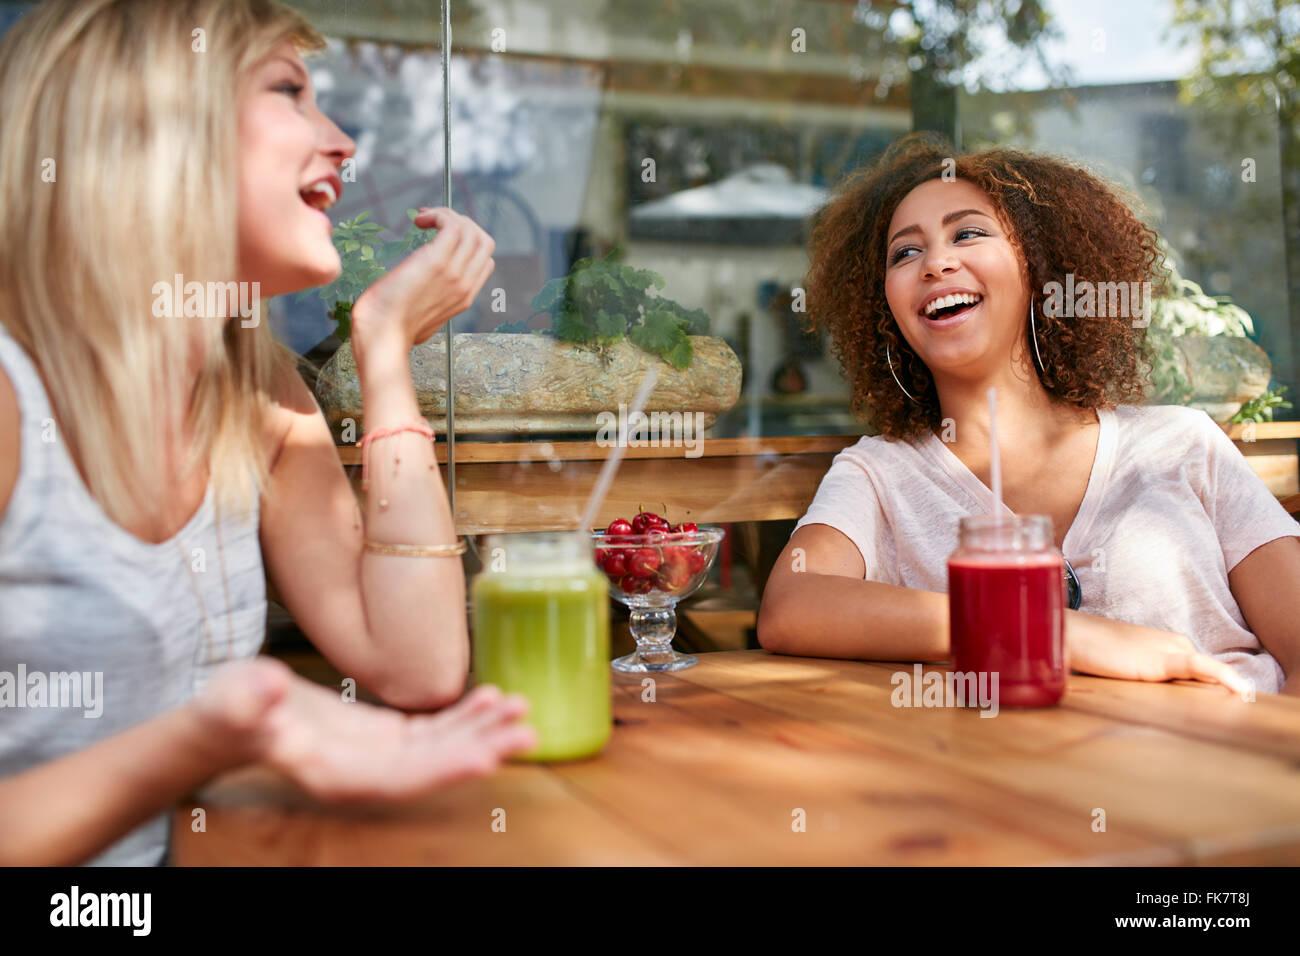 Due donne spettegolare e sorridente in un ristorante. Giovani amici seduti al cafè all'aperto avendo divertimento. Foto Stock